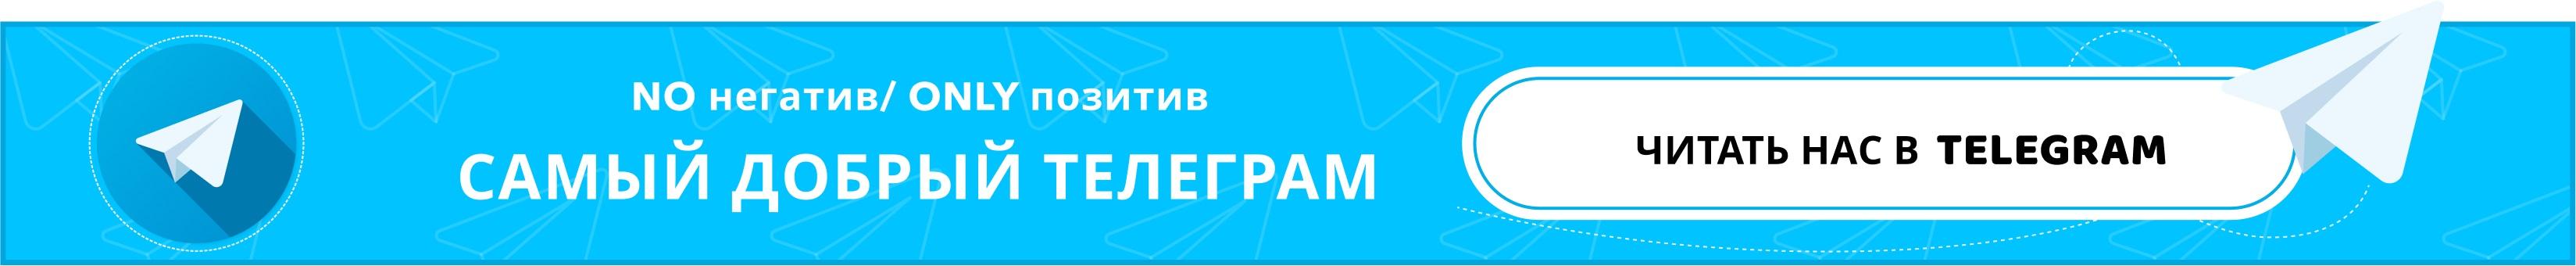 Folga' telegram